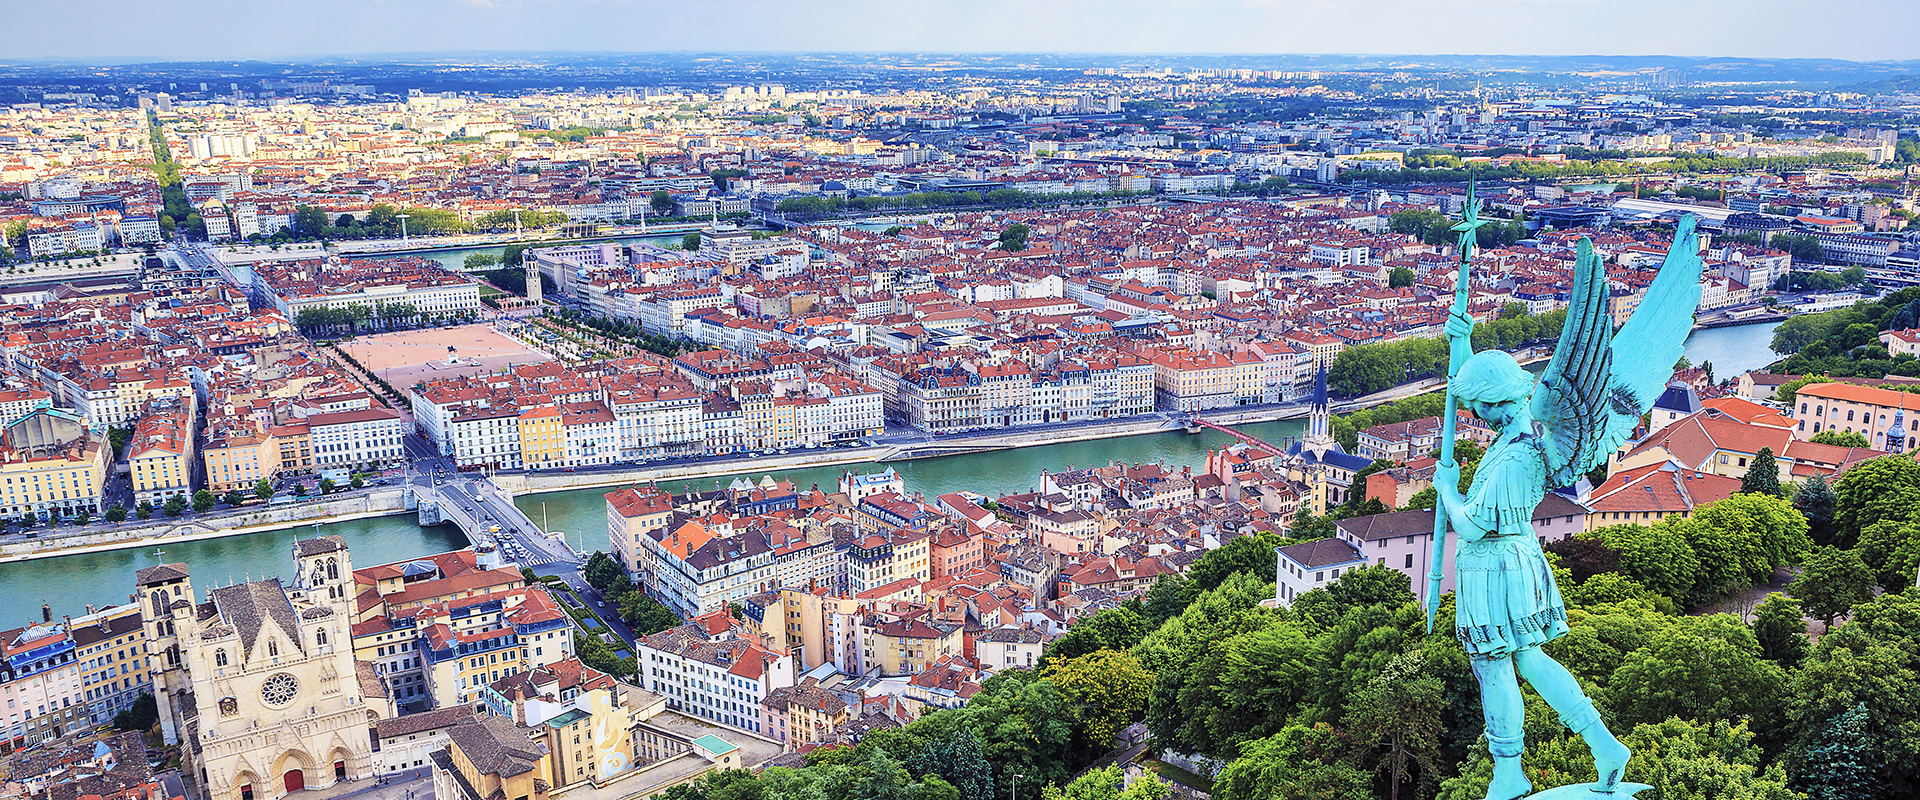 Les visites à faire durant un séjour à Lyon Image